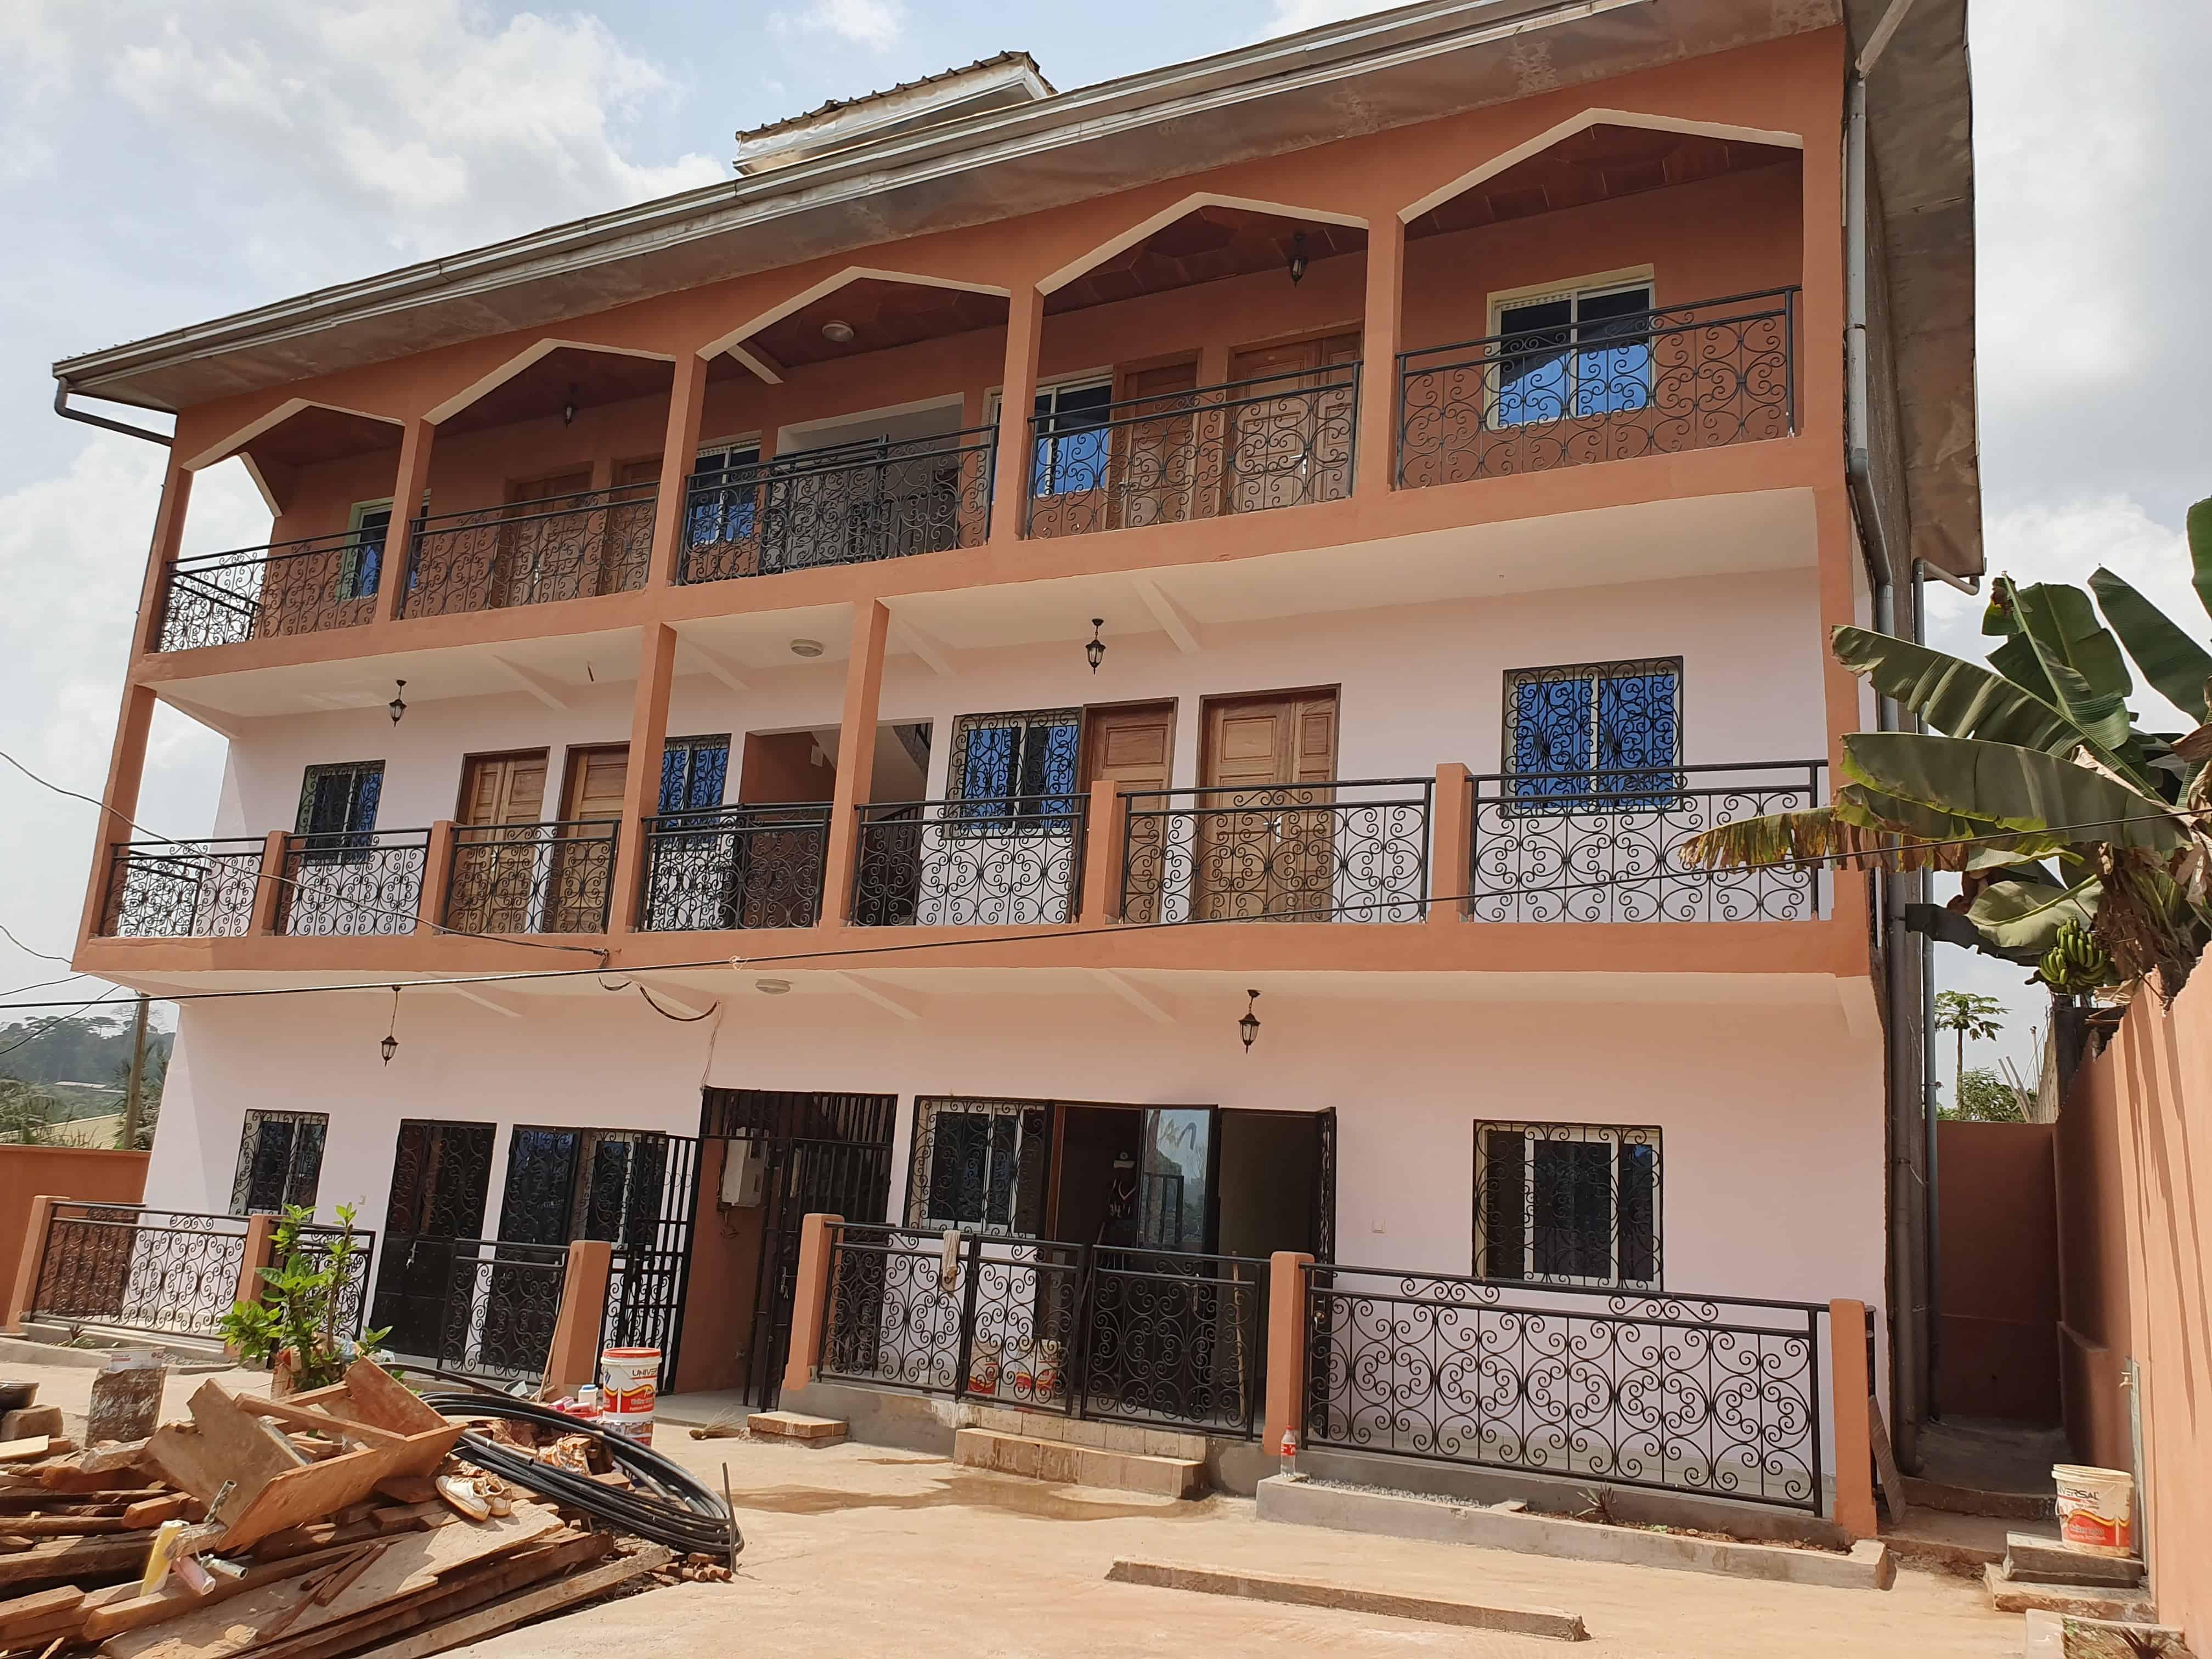 Appartement à louer - Yaoundé, Simbock, Monté mechecam - 1 salon(s), 2 chambre(s), 1 salle(s) de bains - 120 000 FCFA / mois